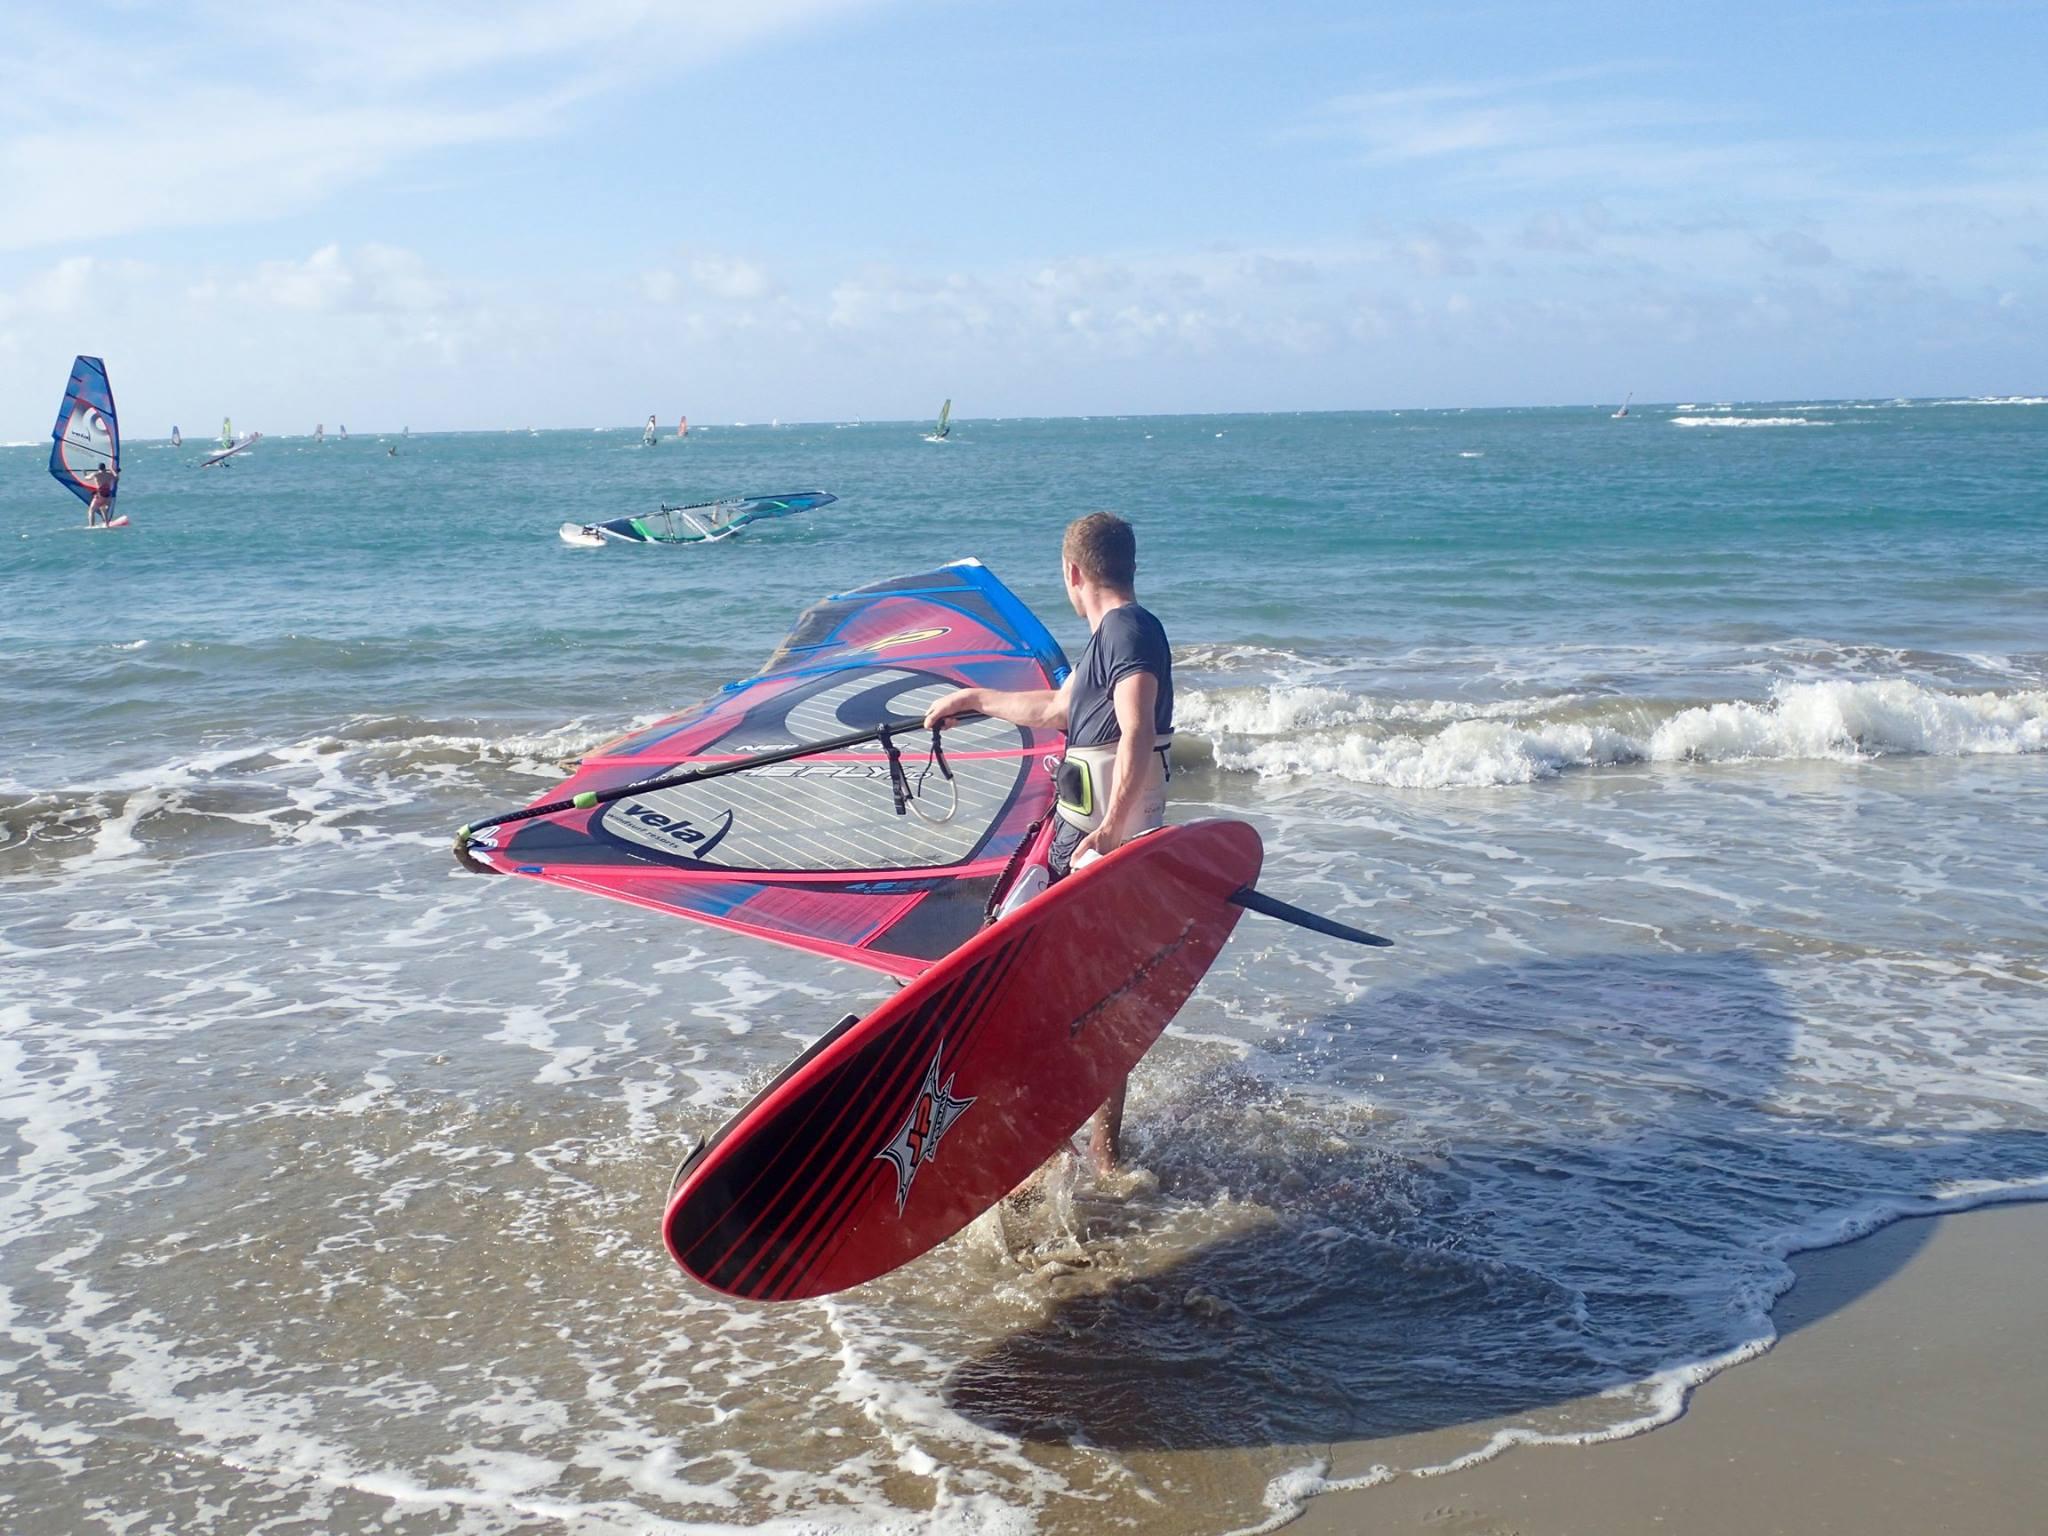 Nathan Windsurfing